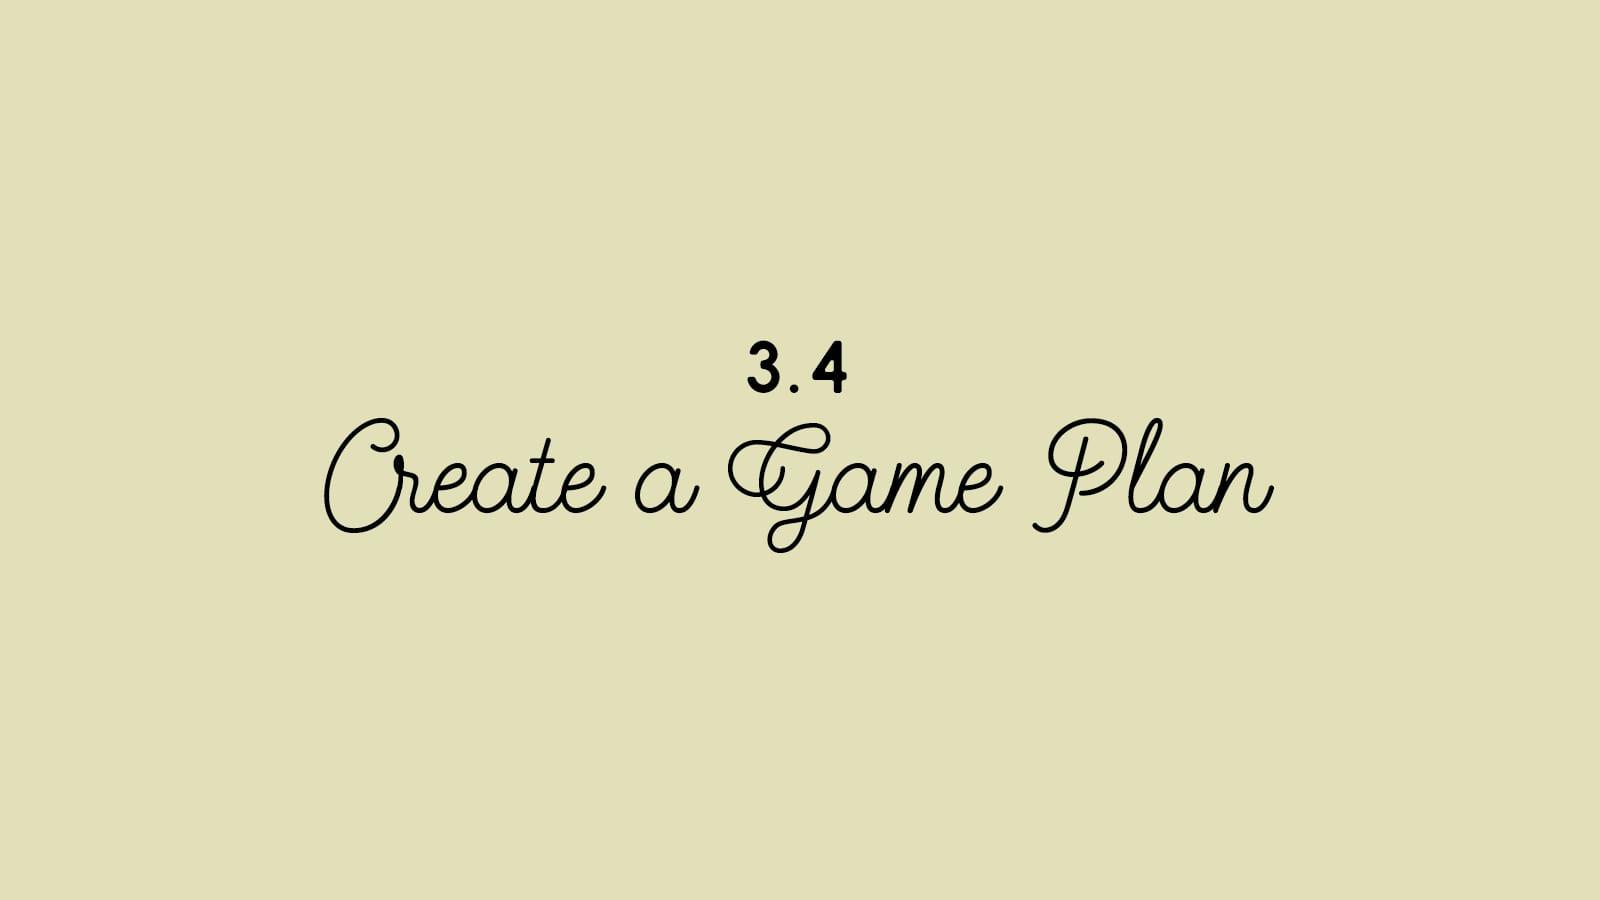 3.4 Create a Game Plan